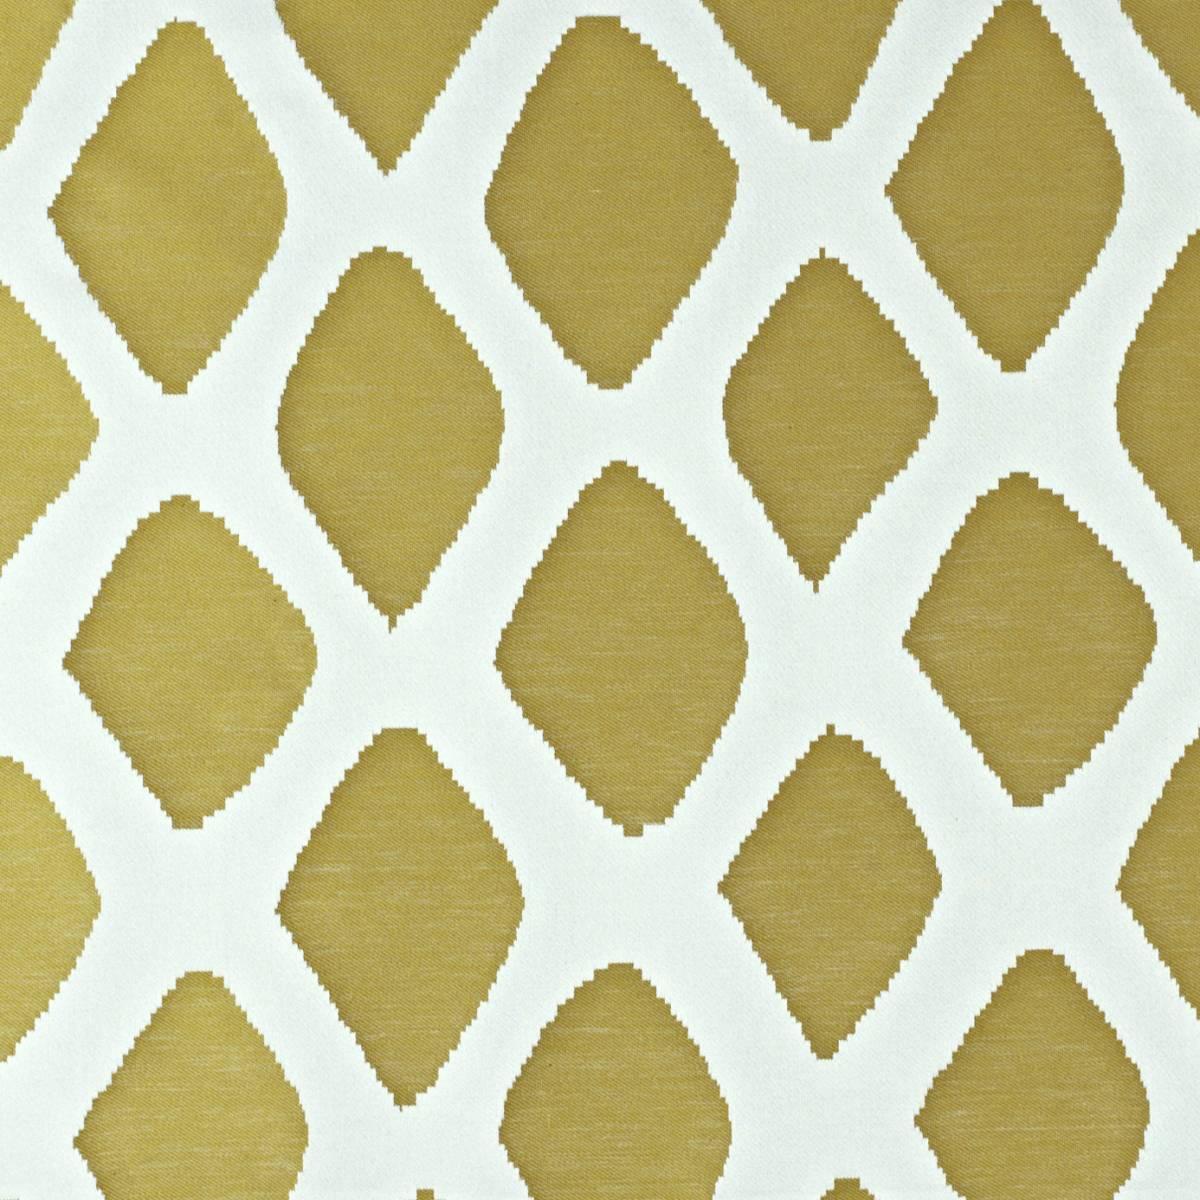 Luna fabric sulphur 1729 576 prestigious textiles - Luna textil ...